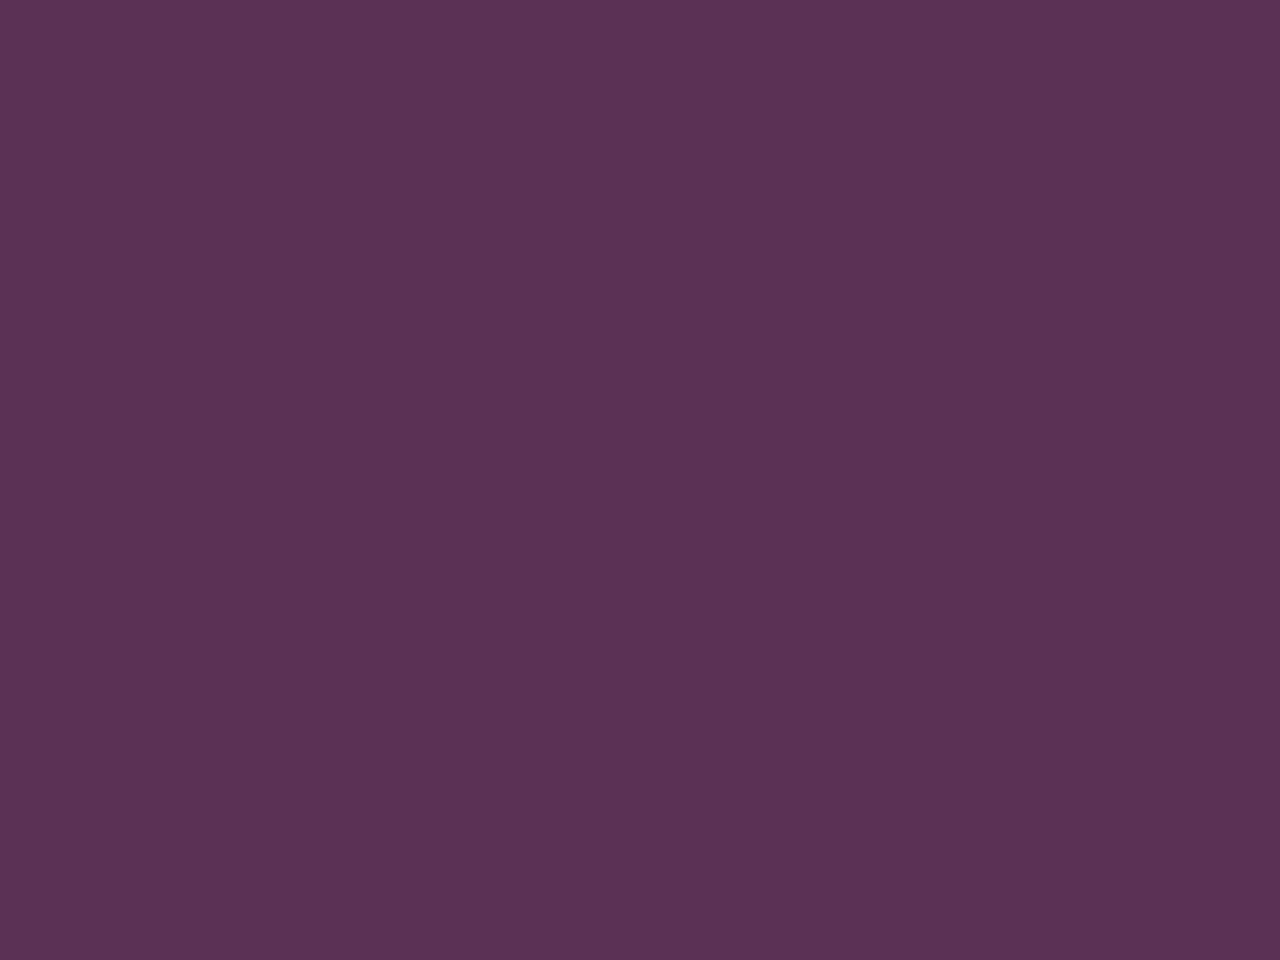 1280x960 Japanese Violet Solid Color Background